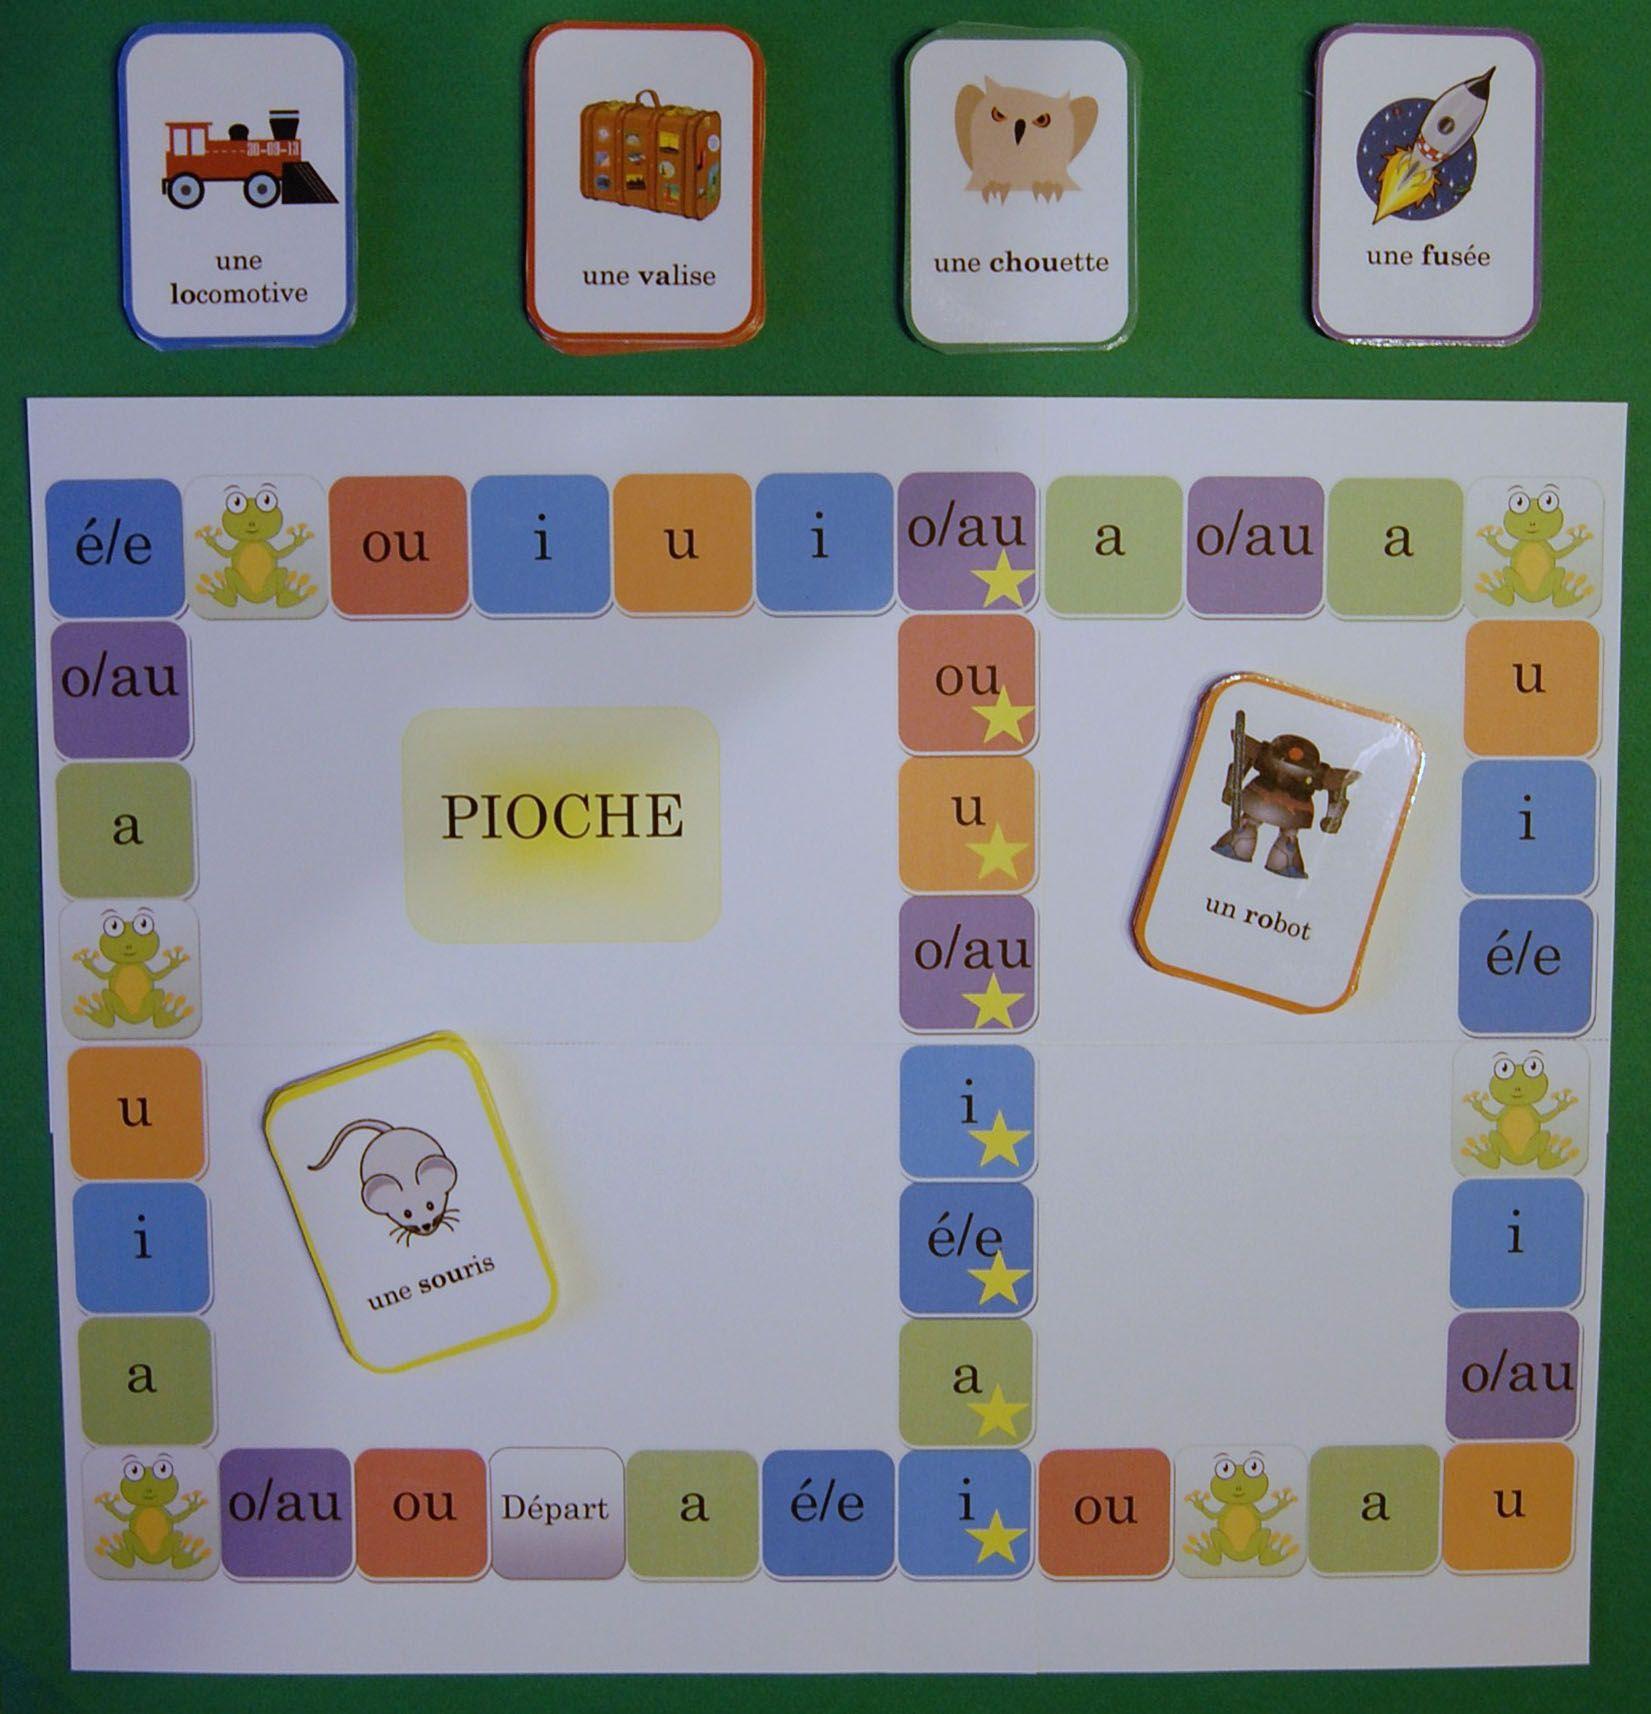 <b>Jeux</b> <b>de</b> mots - Jouez aux meilleurs <b>jeux</b> <b>de</b> <b>lettres</b> sur Zylom